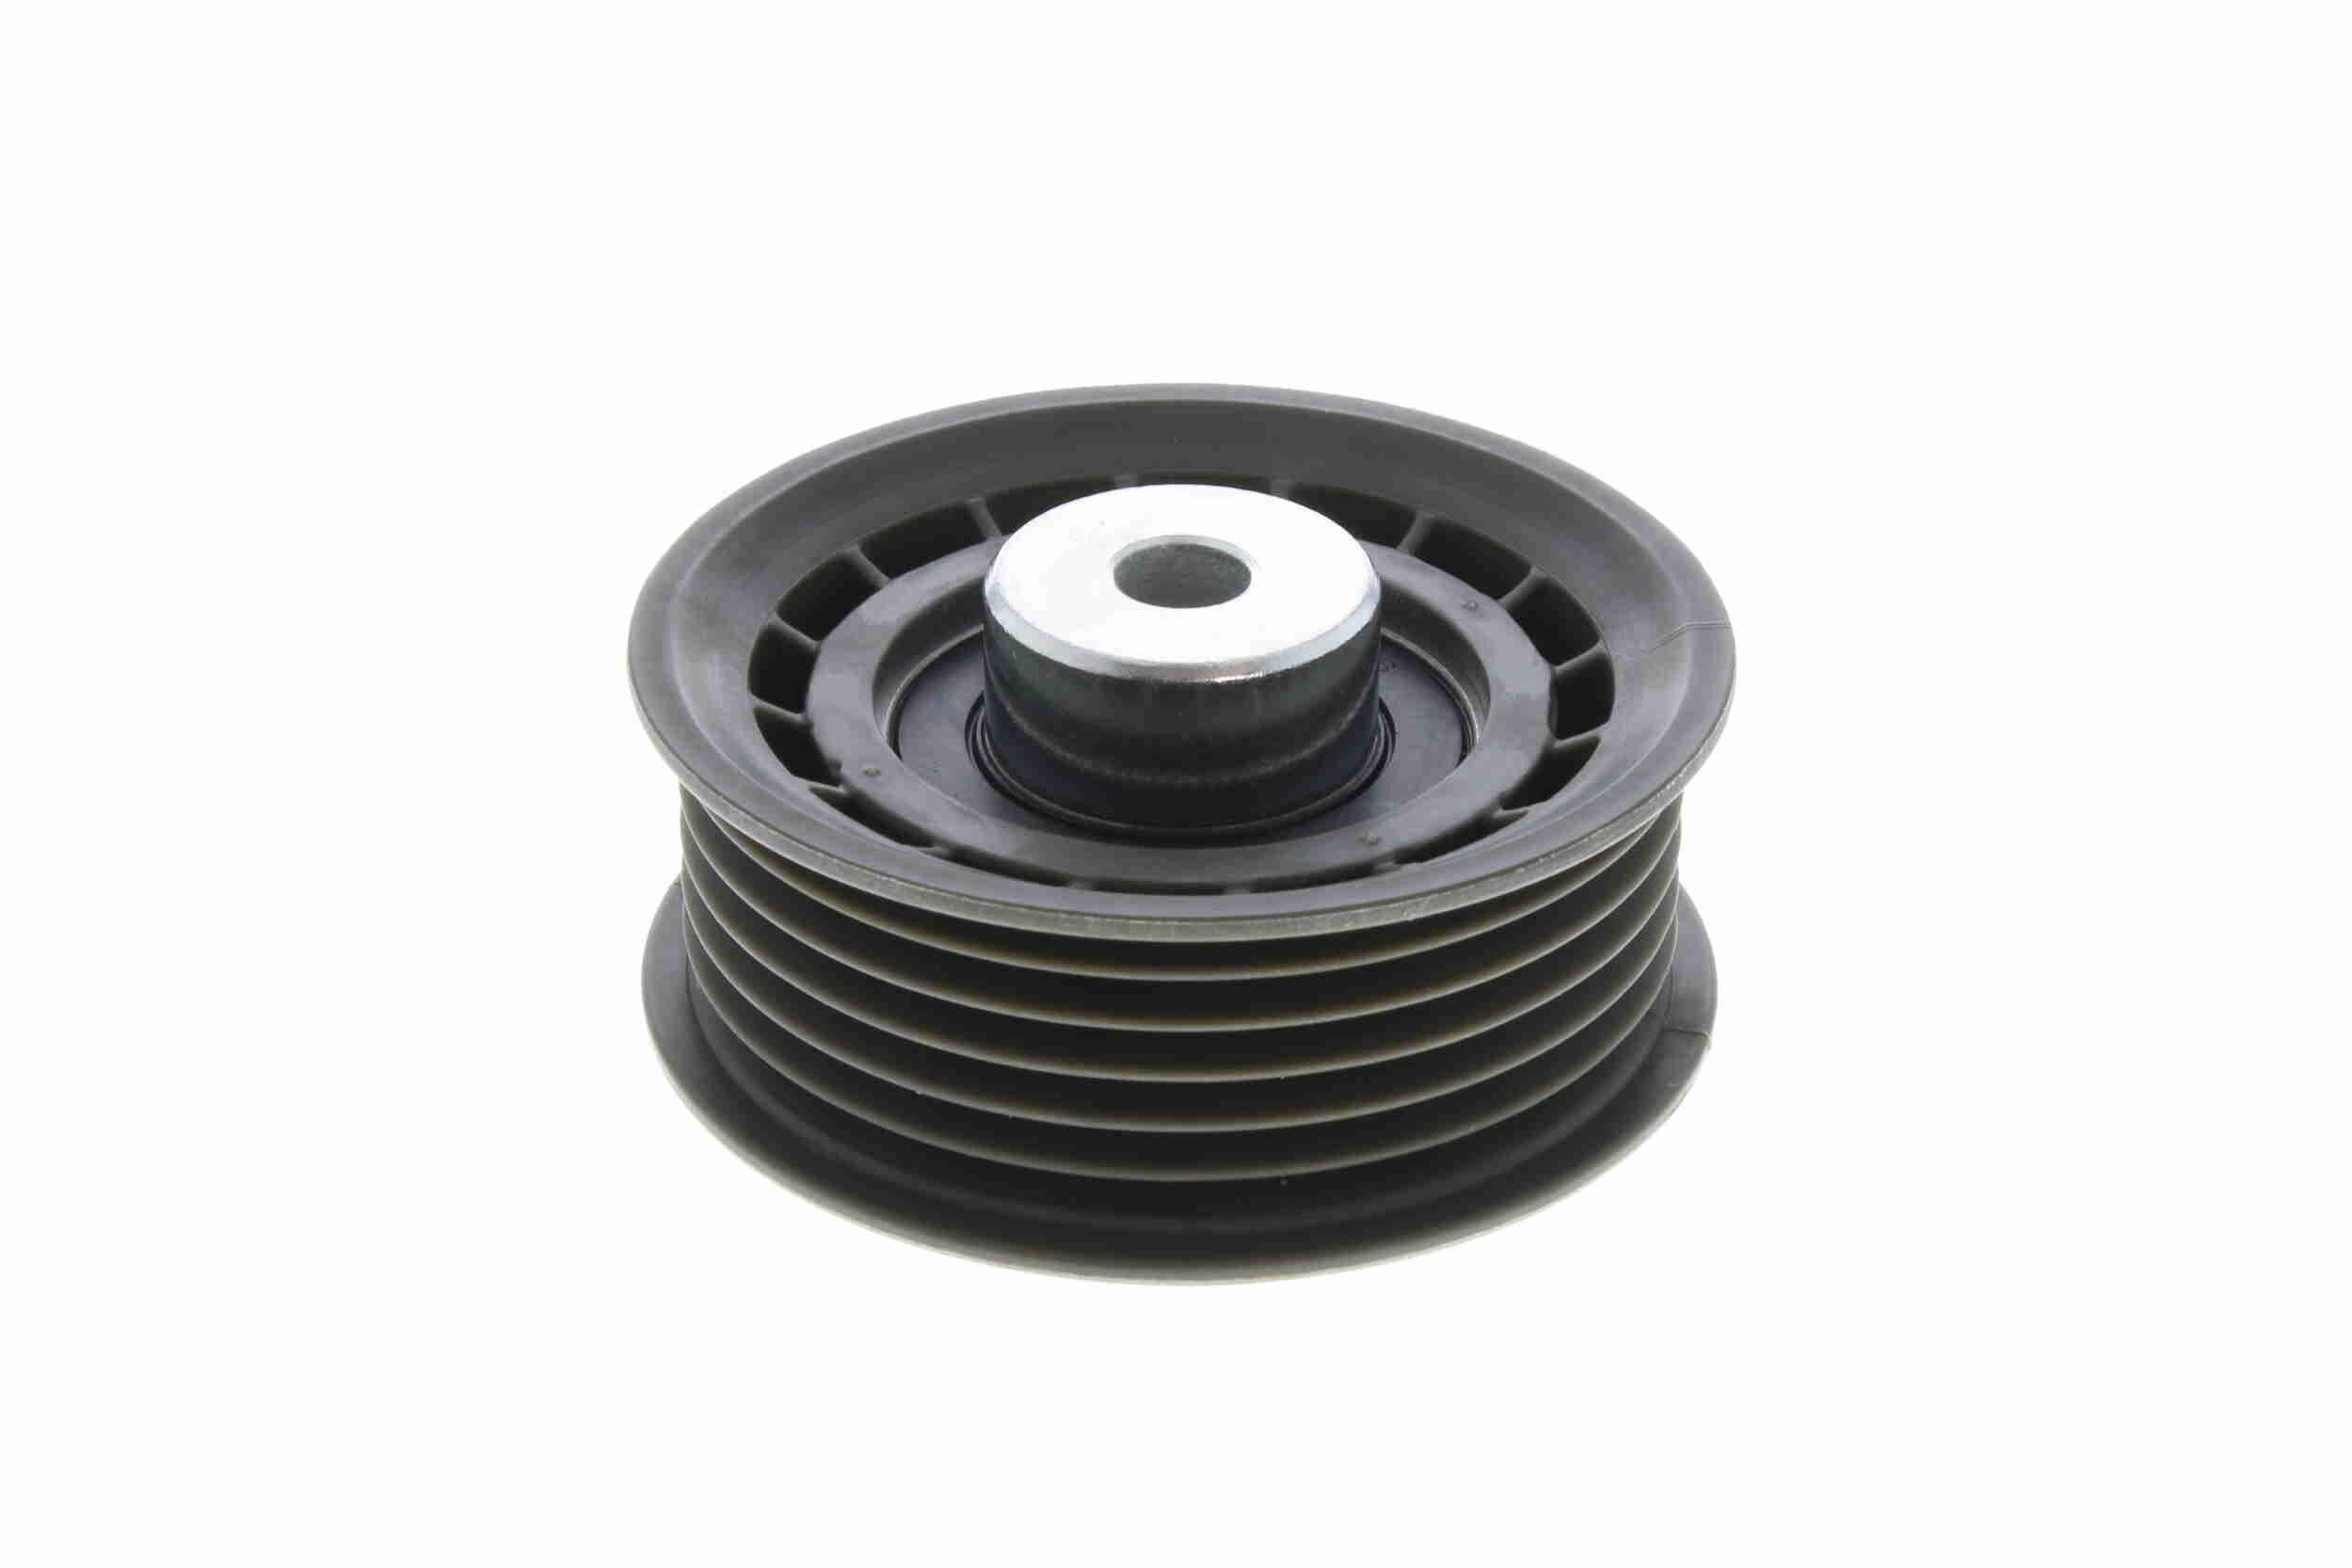 Kup VAICO Rolka kierunkowa / prowadząca, pasek klinowy zębaty V30-0133 ciężarówki